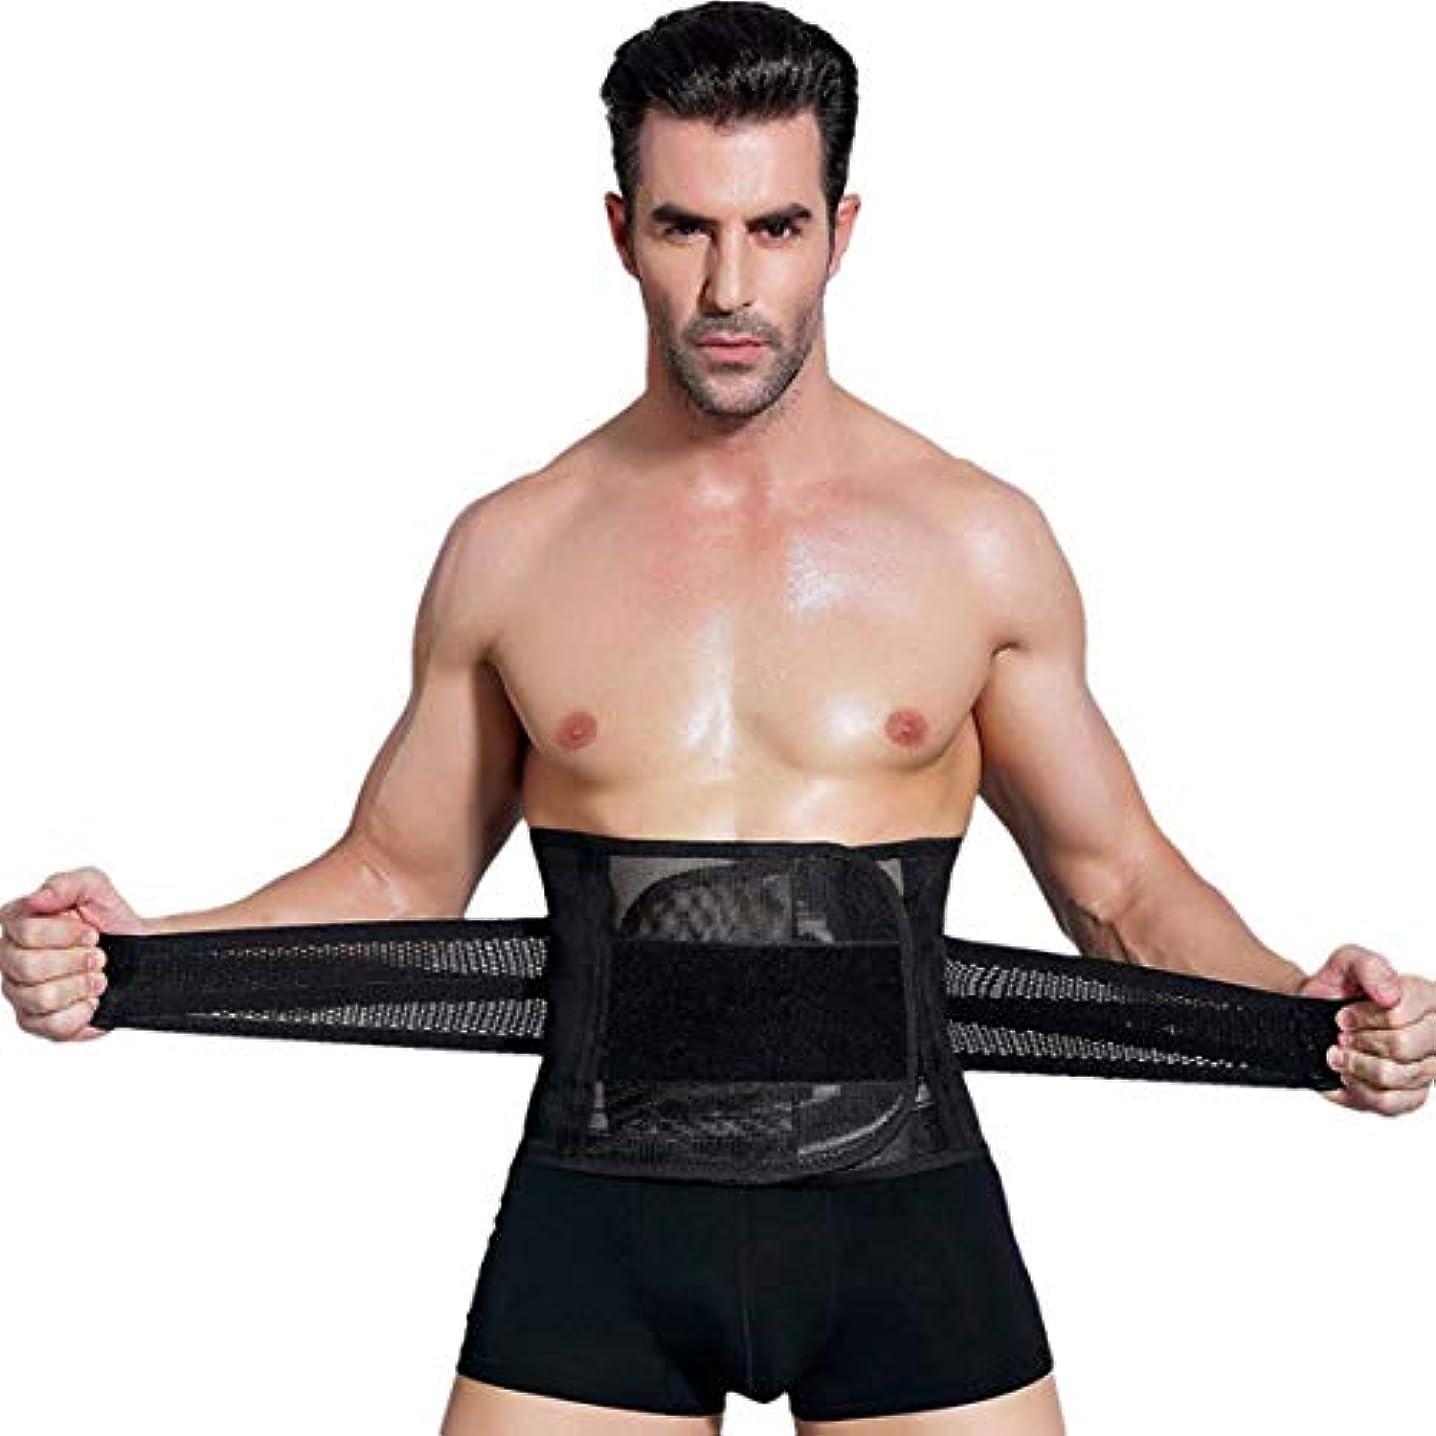 自分のために労苦時男性ボディシェイパーコルセット腹部おなかコントロールウエストトレーナーニッパー脂肪燃焼ガードル痩身腹ベルト用男性 - ブラックXXL